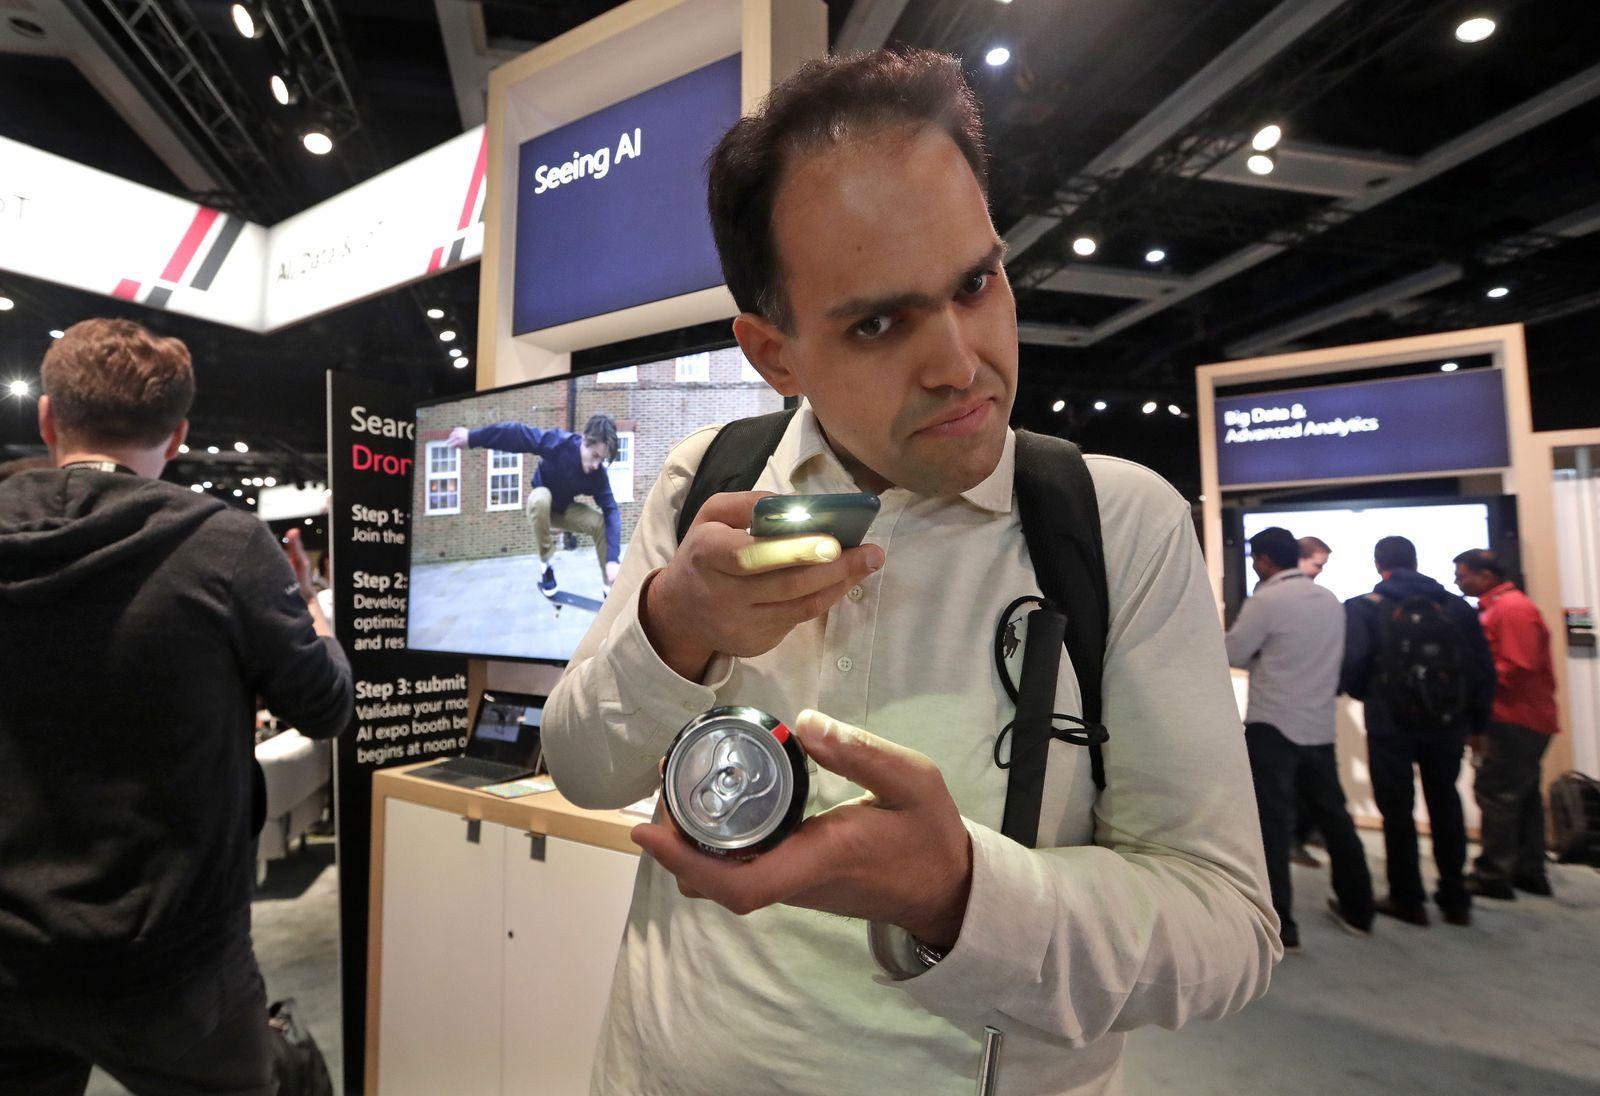 Microsoft / Saqib Shaikh